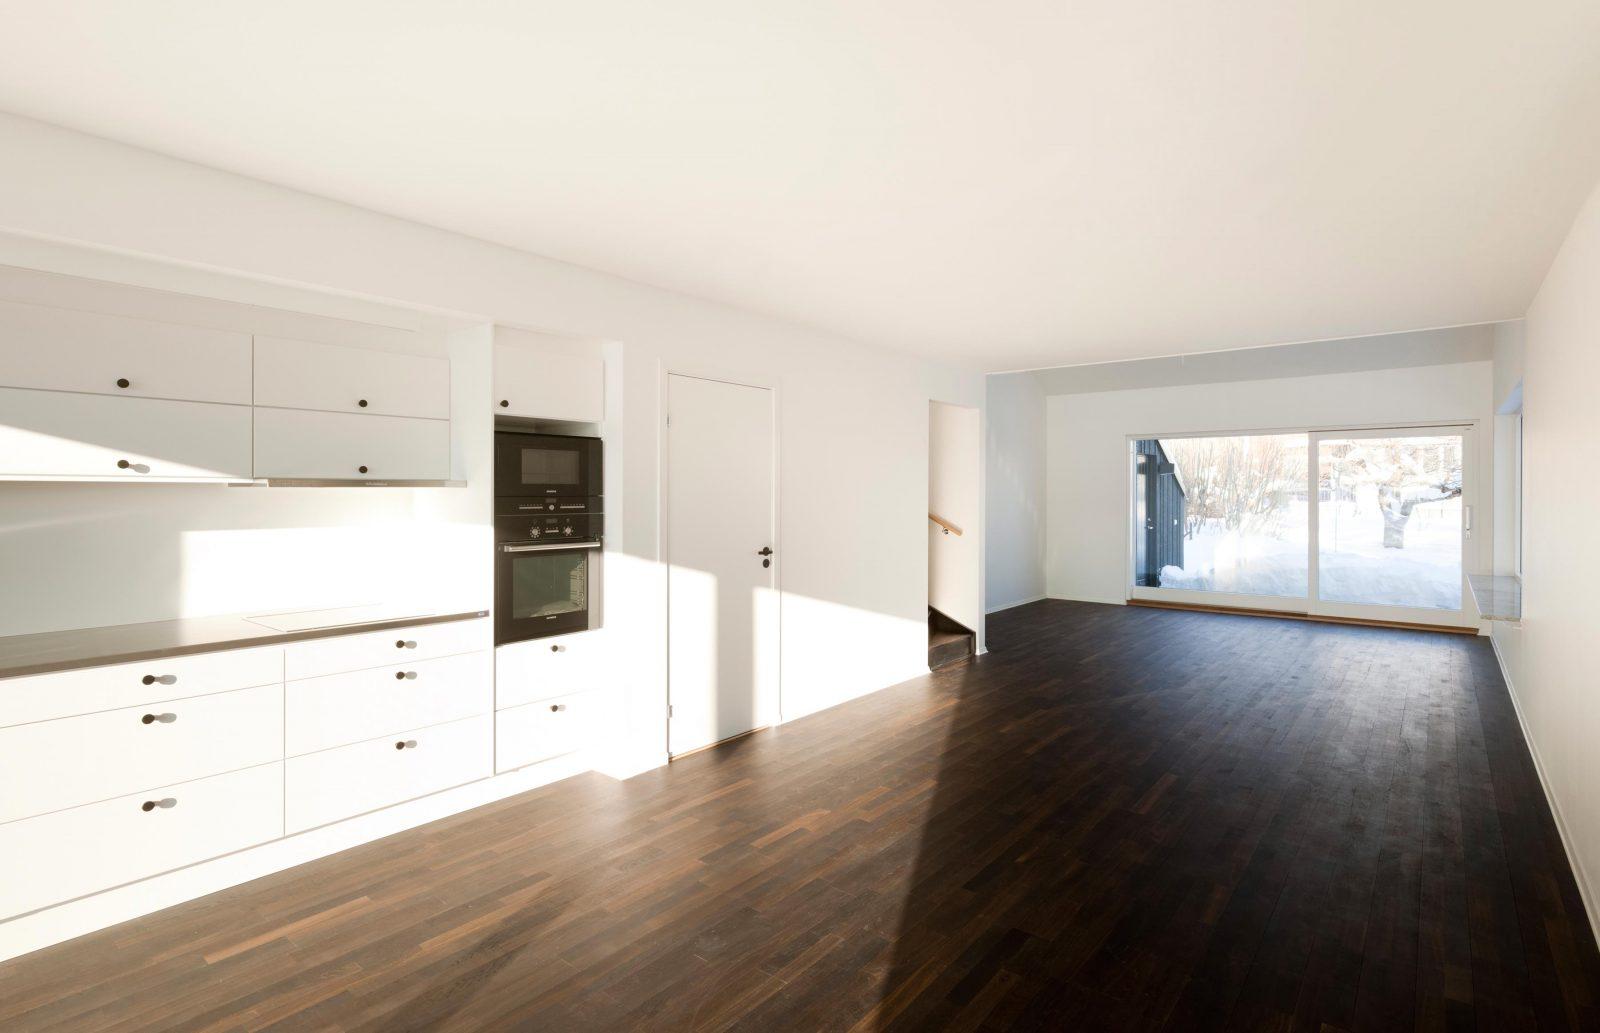 KjellanderSjoberg Sparsamheten interior01